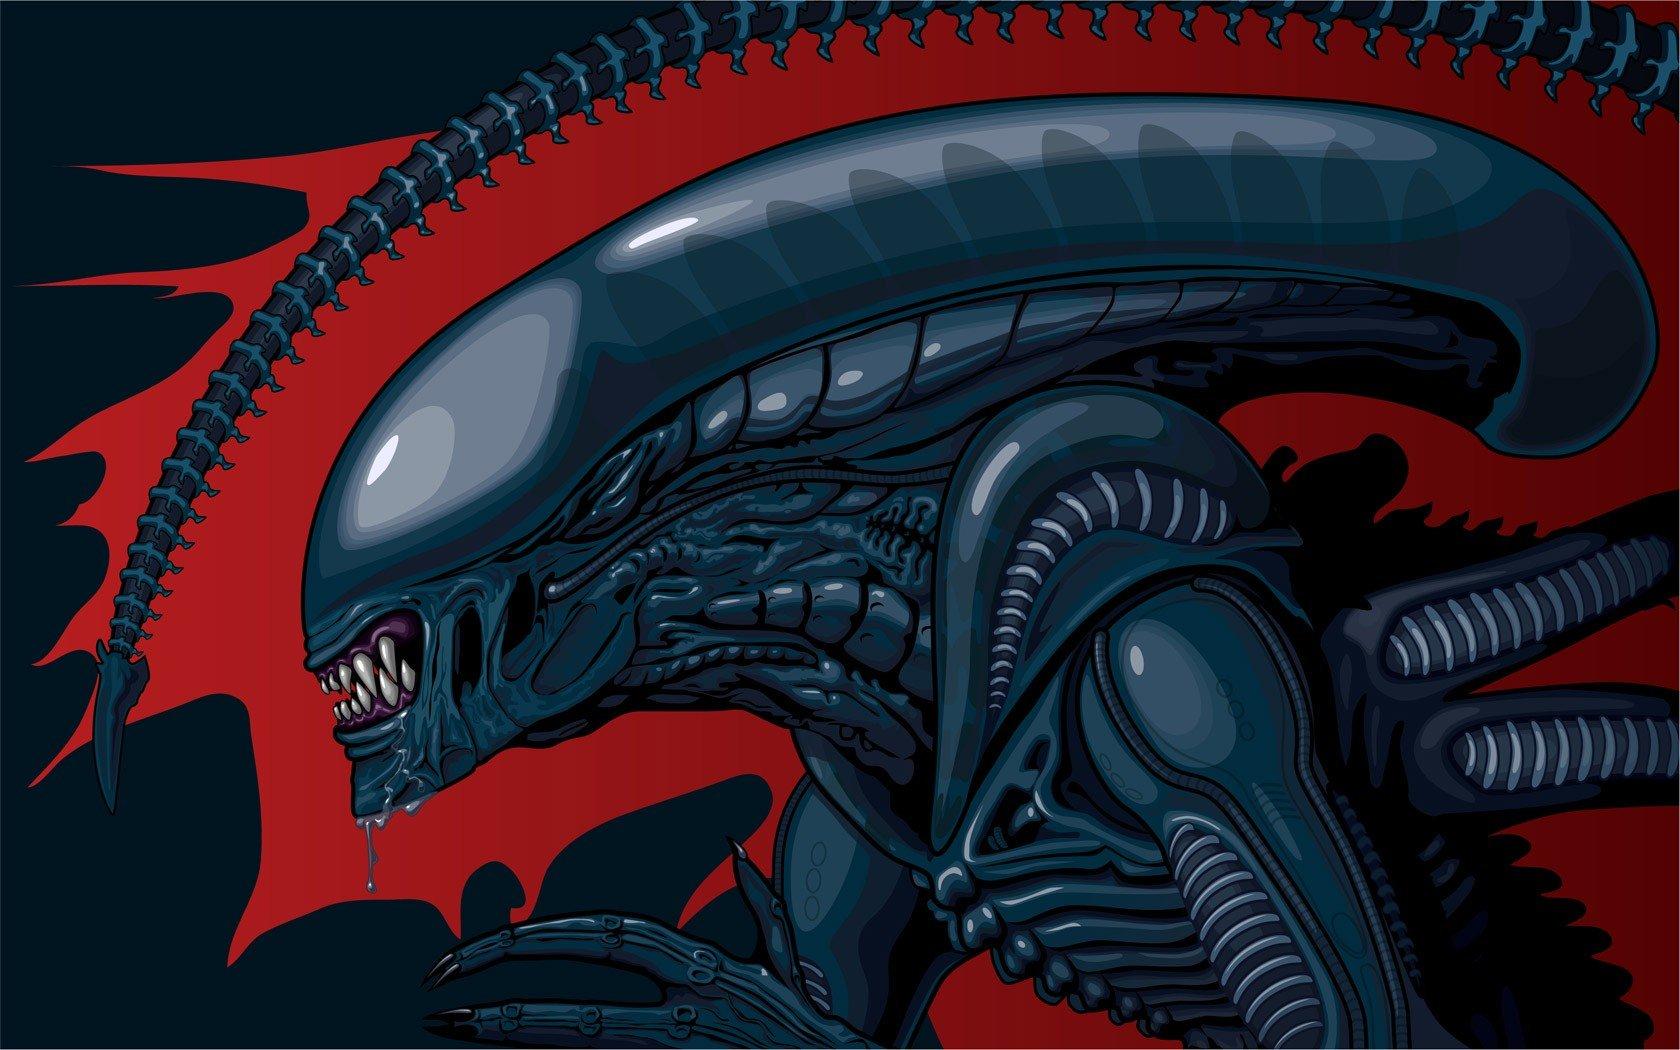 1680x1050 Aliens Movie Wallpapers Pack 45 Aliens Movie Wallpapers, 49